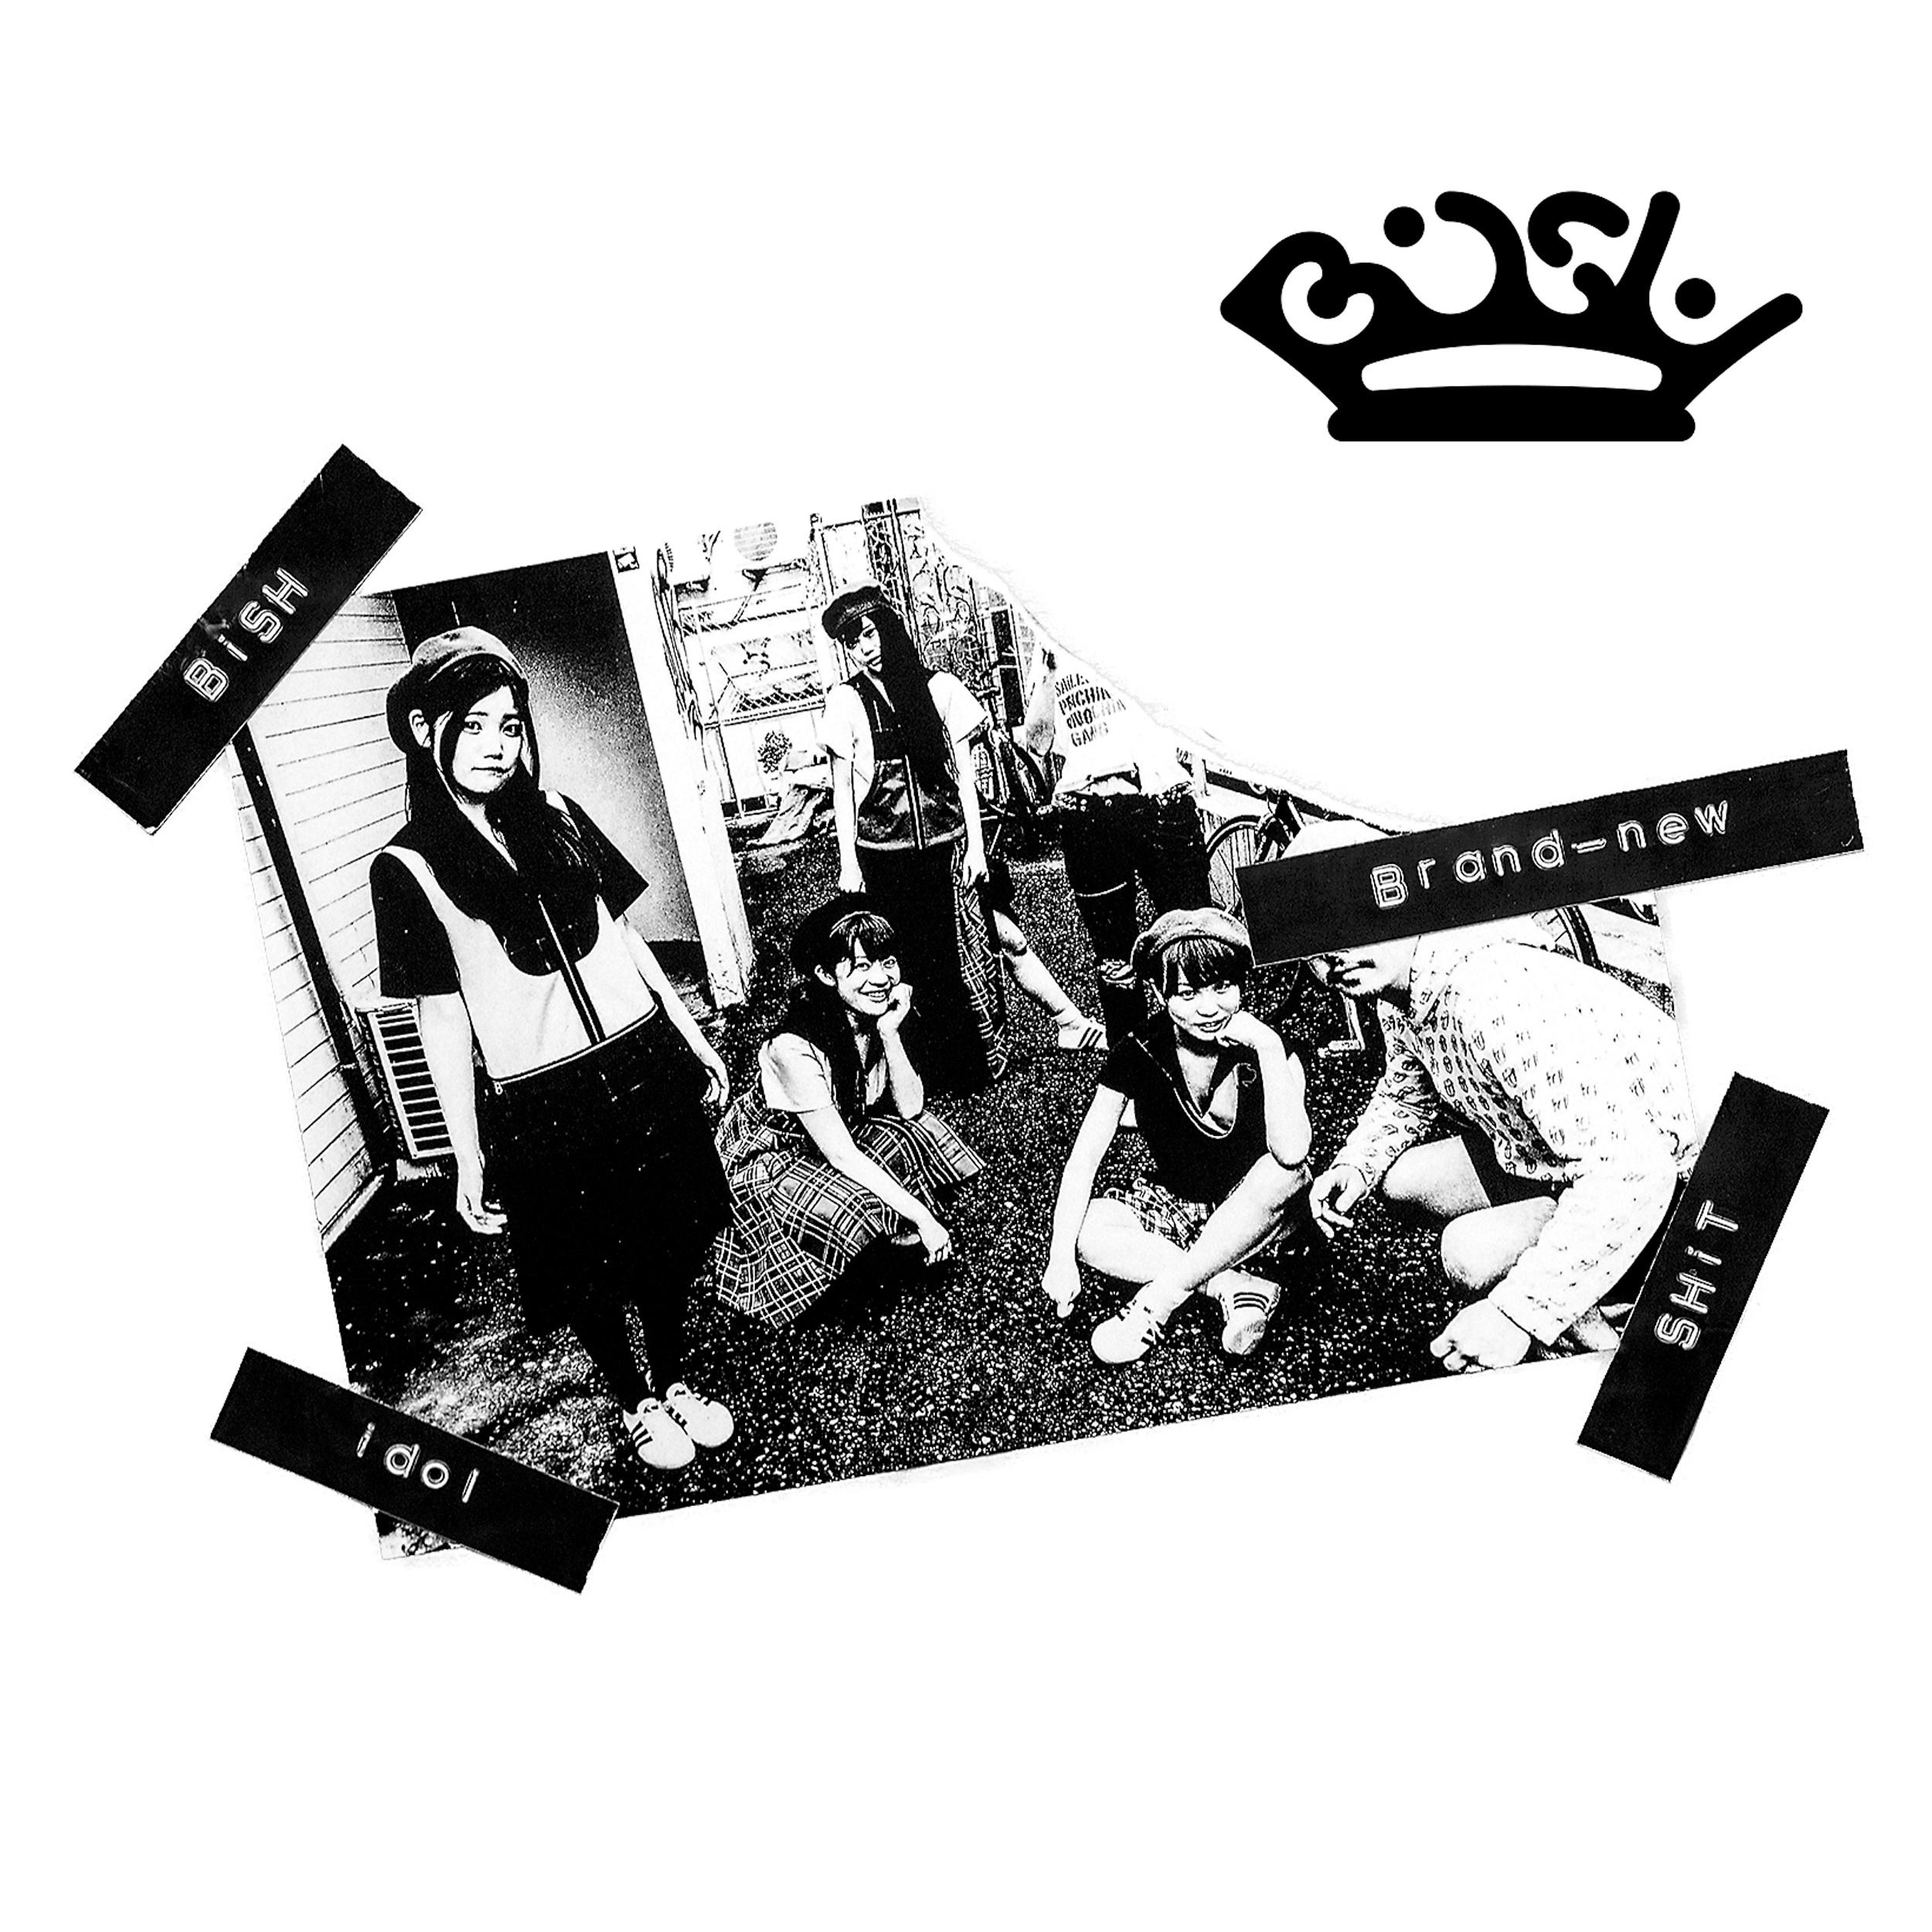 Image of Brand-new idol SHiT / BiSH